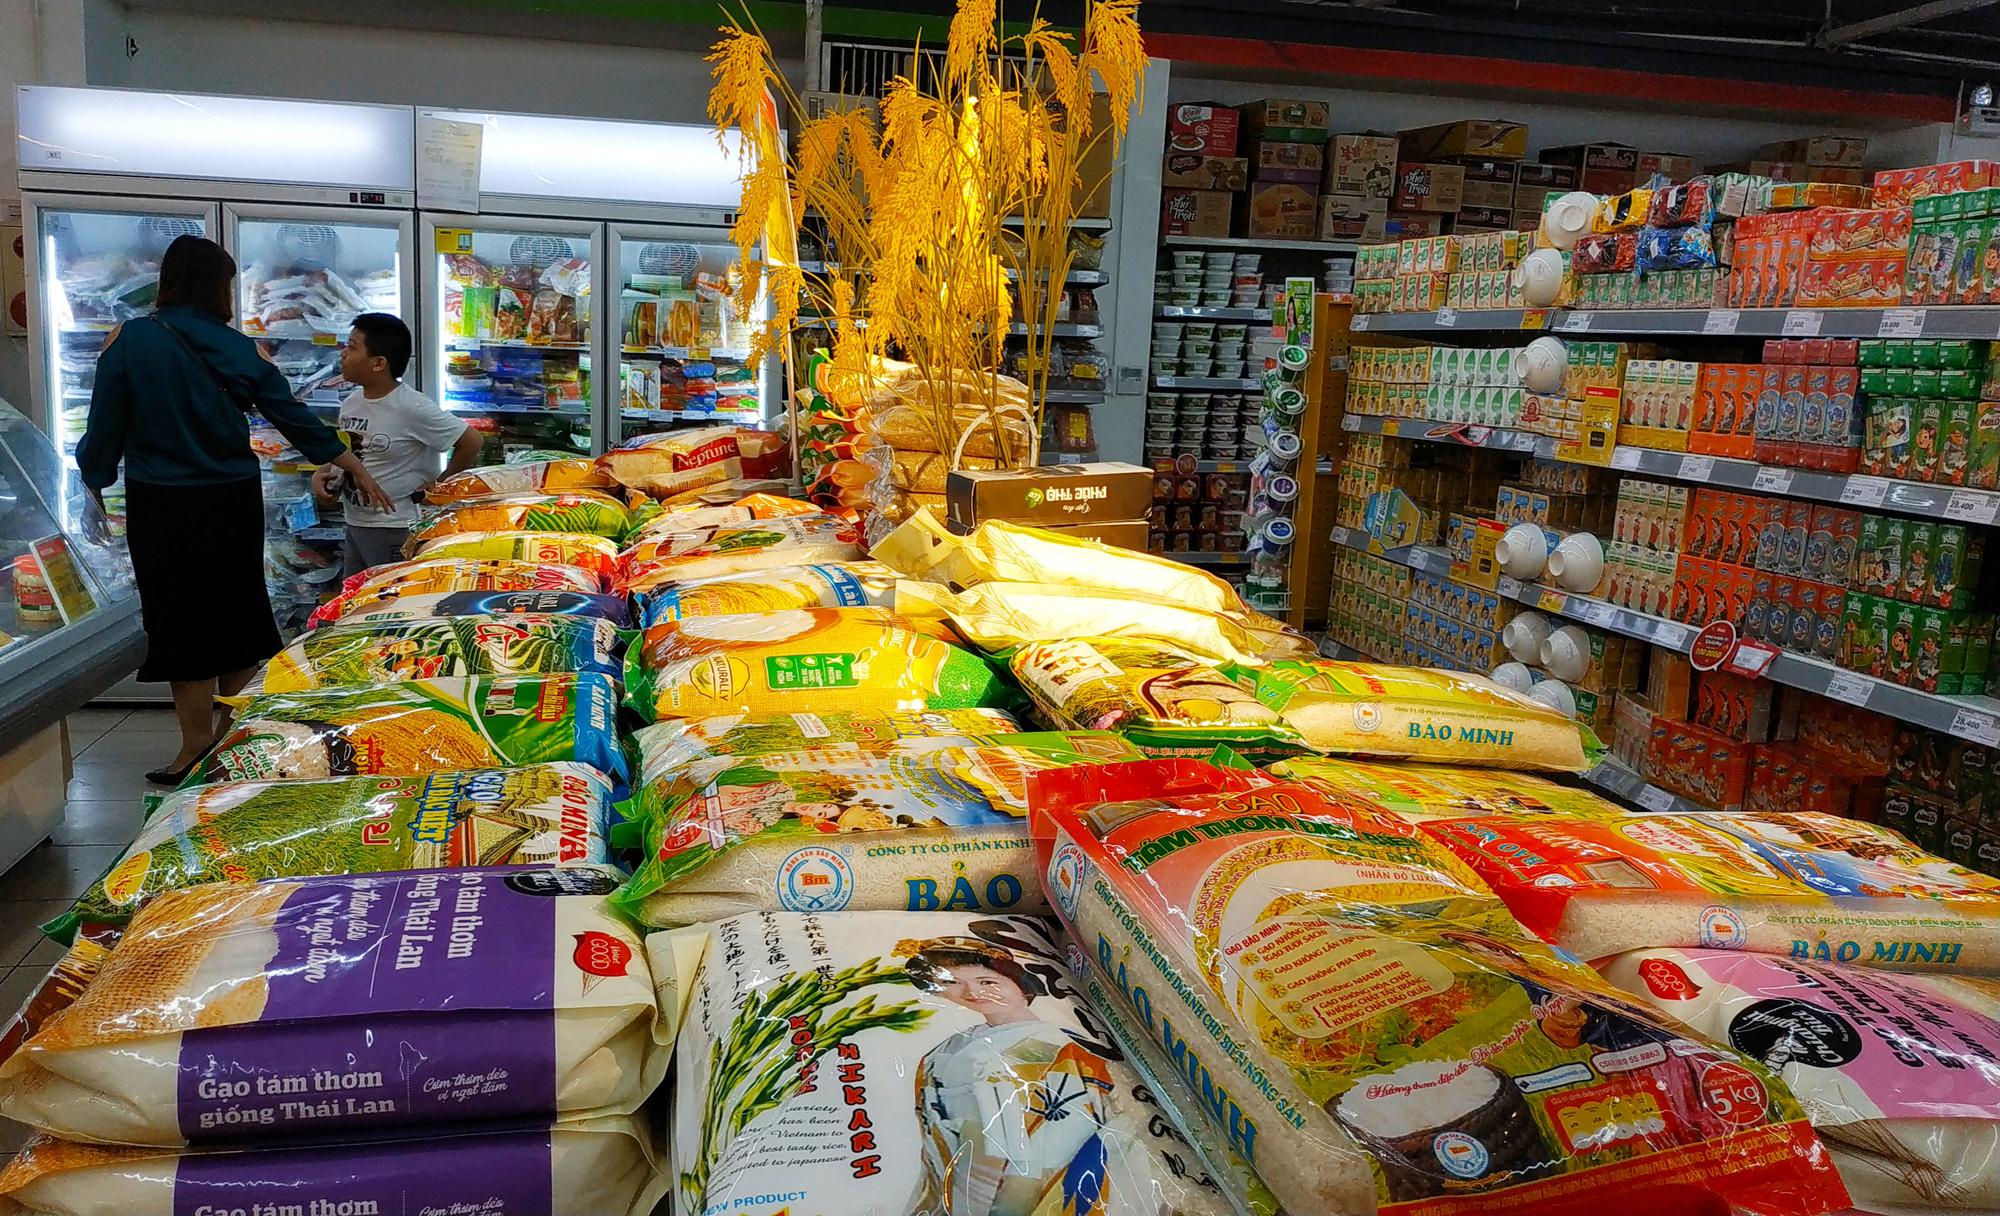 Ủy ban Ngoại thương EU thông qua hiệp định thương mại với Việt Nam, nhiều mặt hàng có thể sớm được miễn thuế - Ảnh 1.